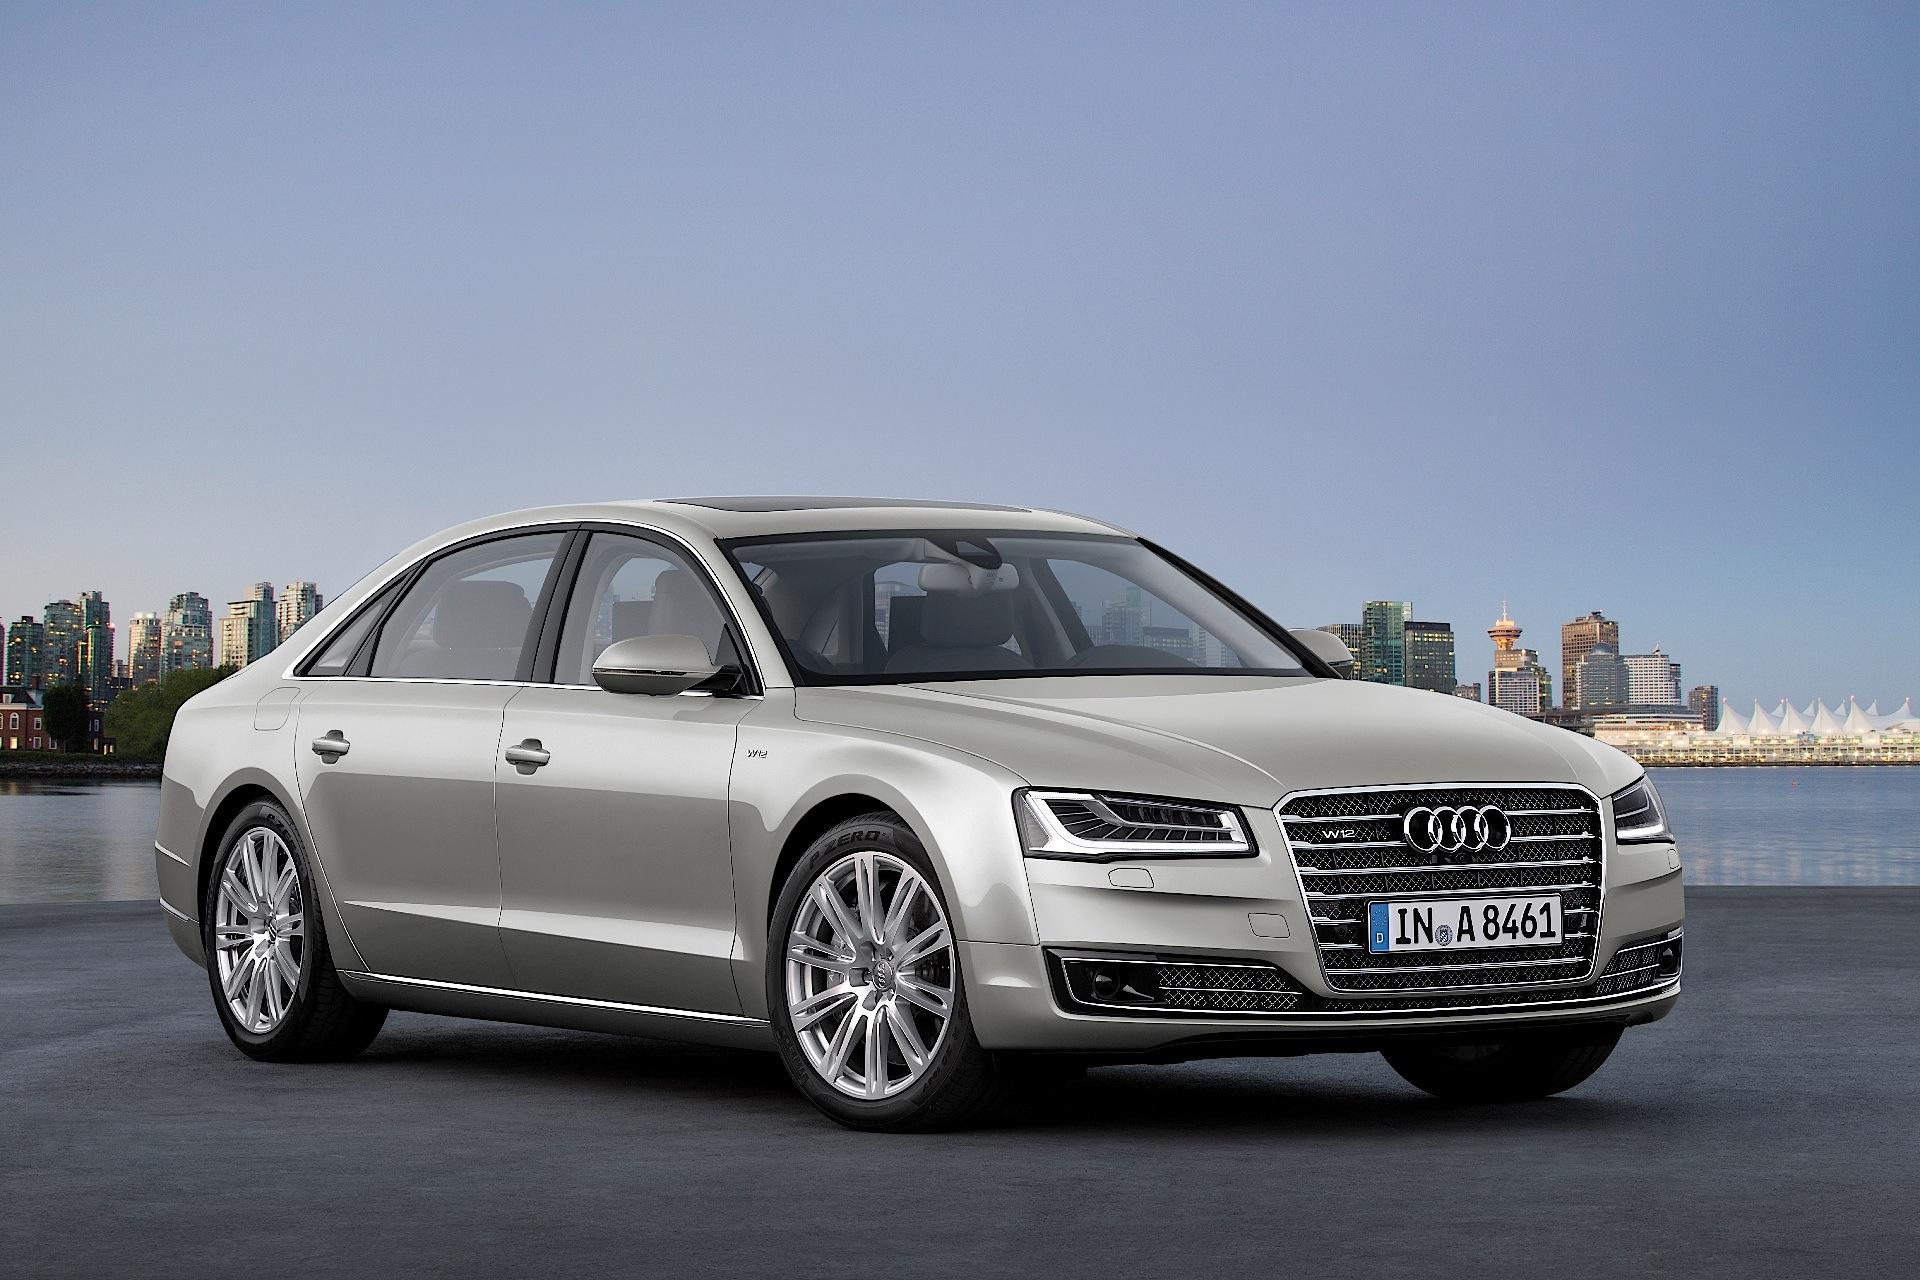 Kekurangan Audi A8 2014 Murah Berkualitas